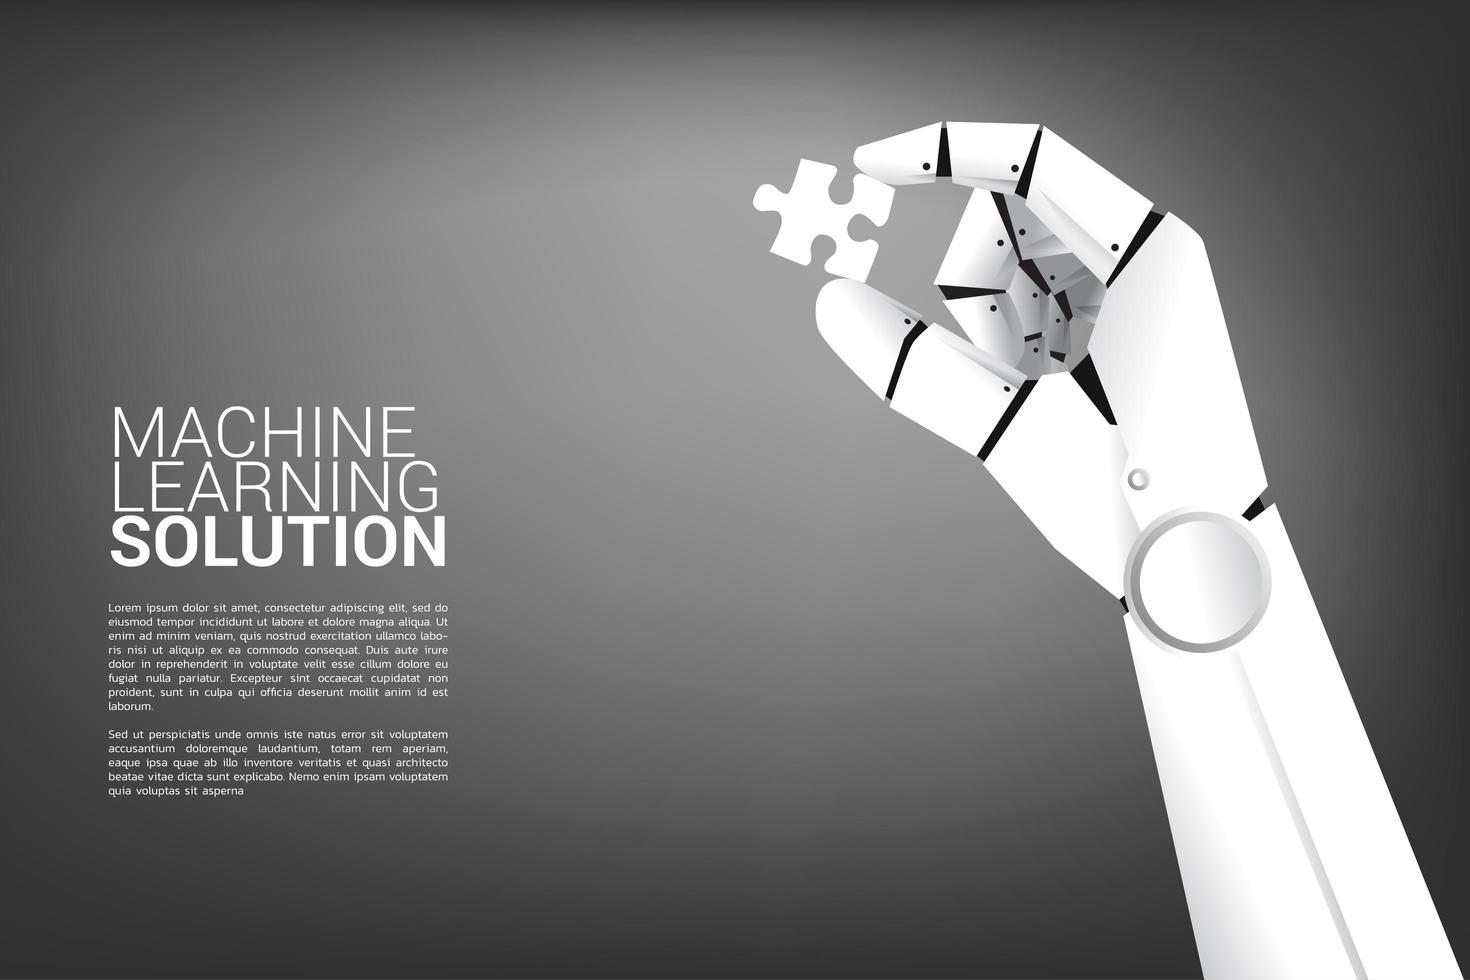 mão de robô segurando a peça do quebra-cabeça vetor